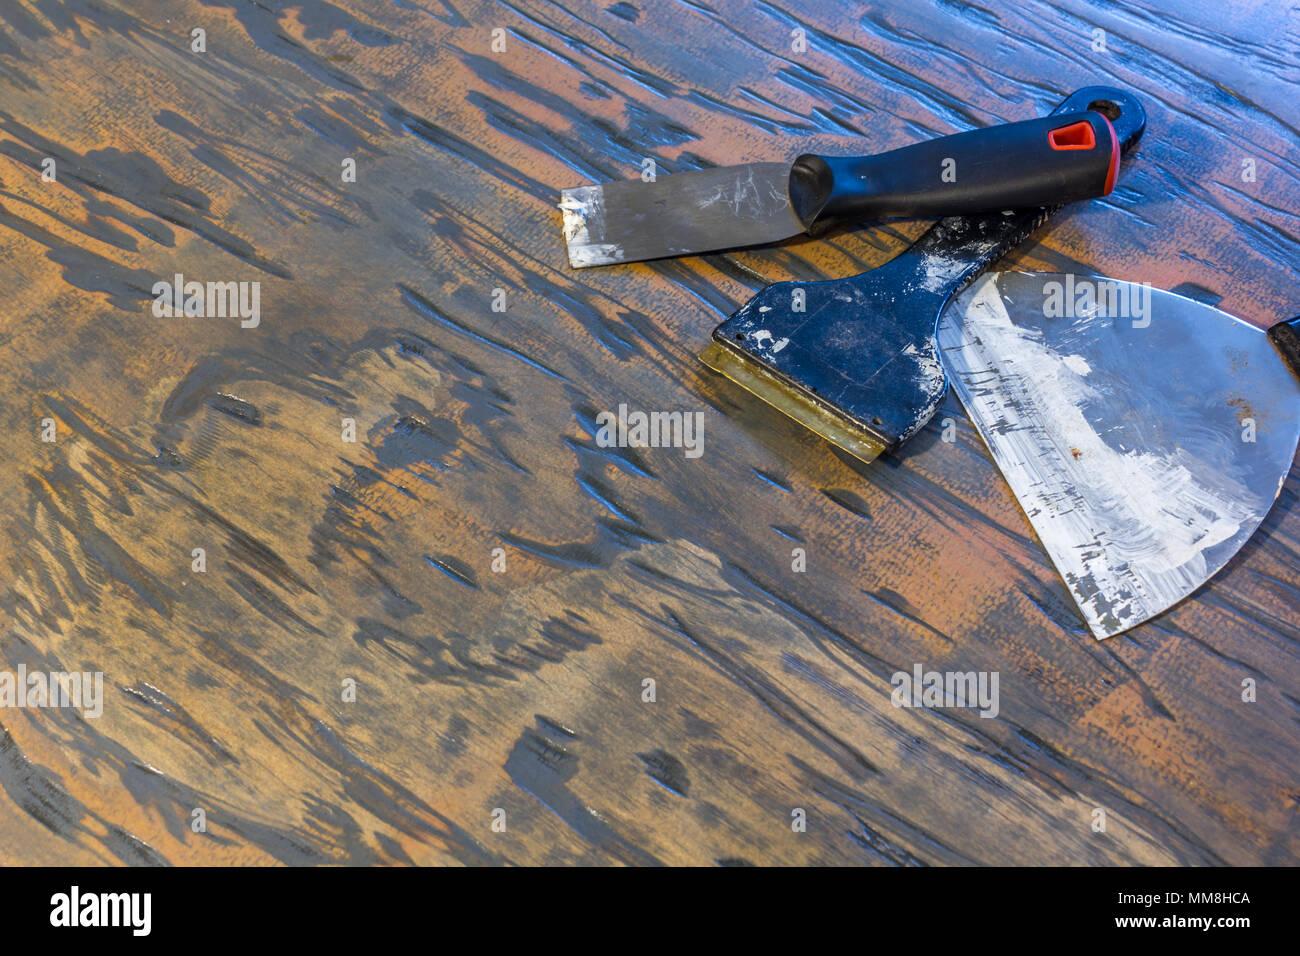 Dipingere i raschiatori e i coltelli puddy su legno foto